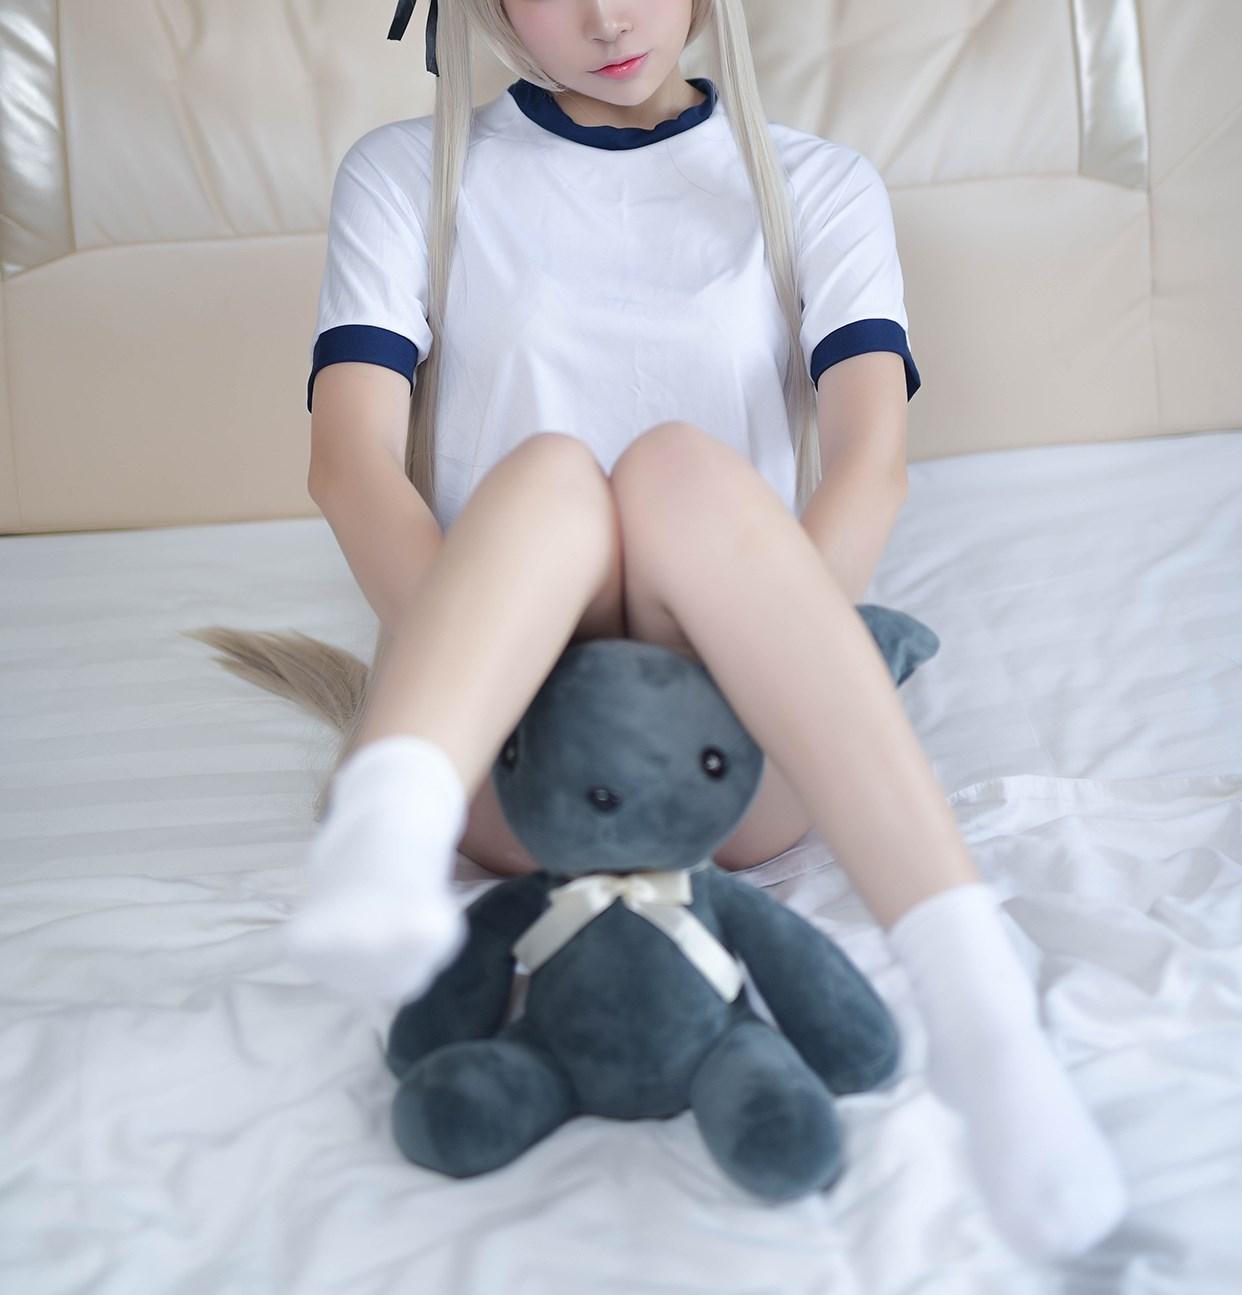 【兔玩映画】体操服穹妹与初音未来 兔玩映画 第21张